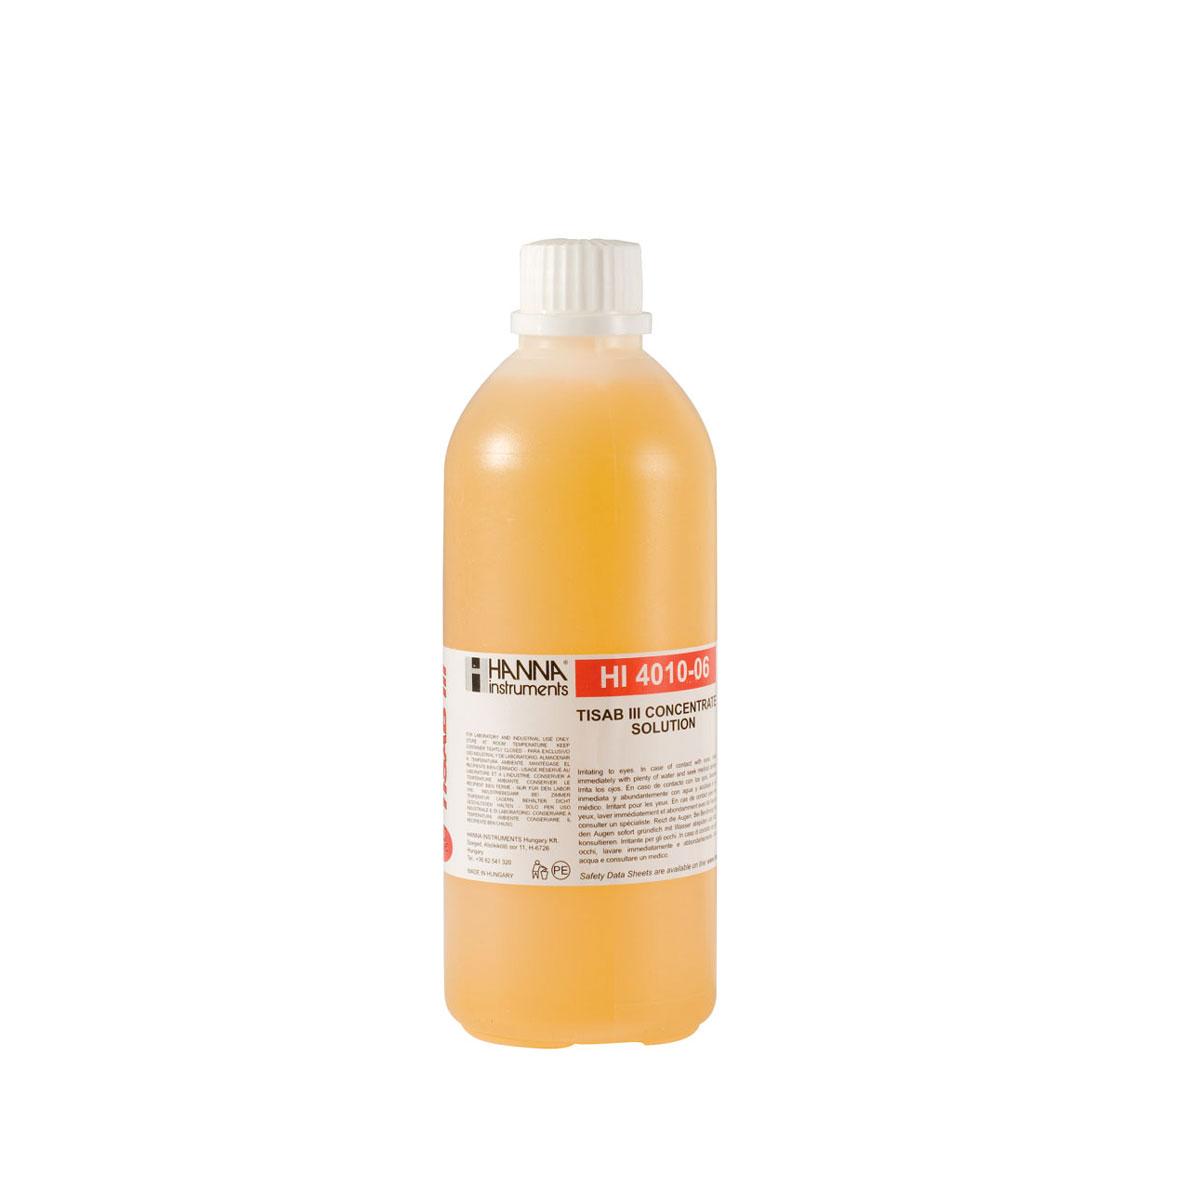 TISAB III Concentrado Para ISE's De Flúor - HI4010-06